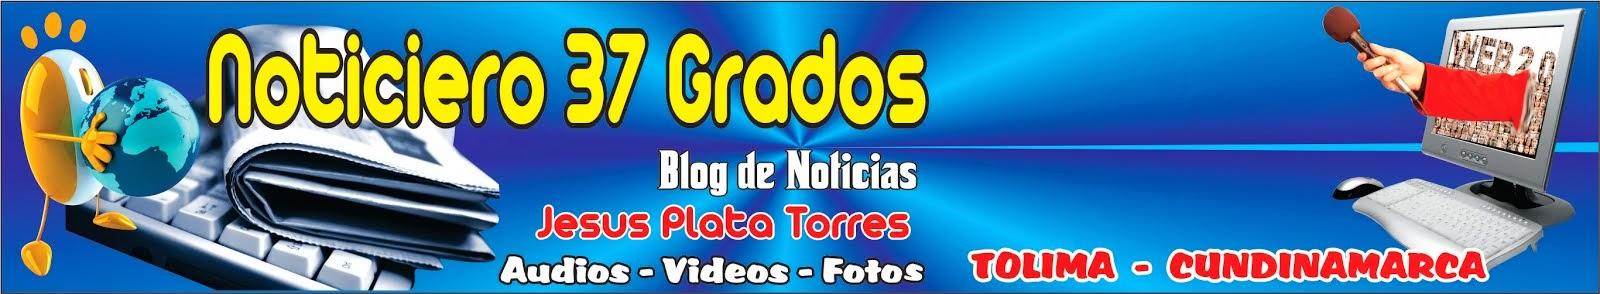 NOTICIERO37GRADOS DE JESUS PLATA TORRES